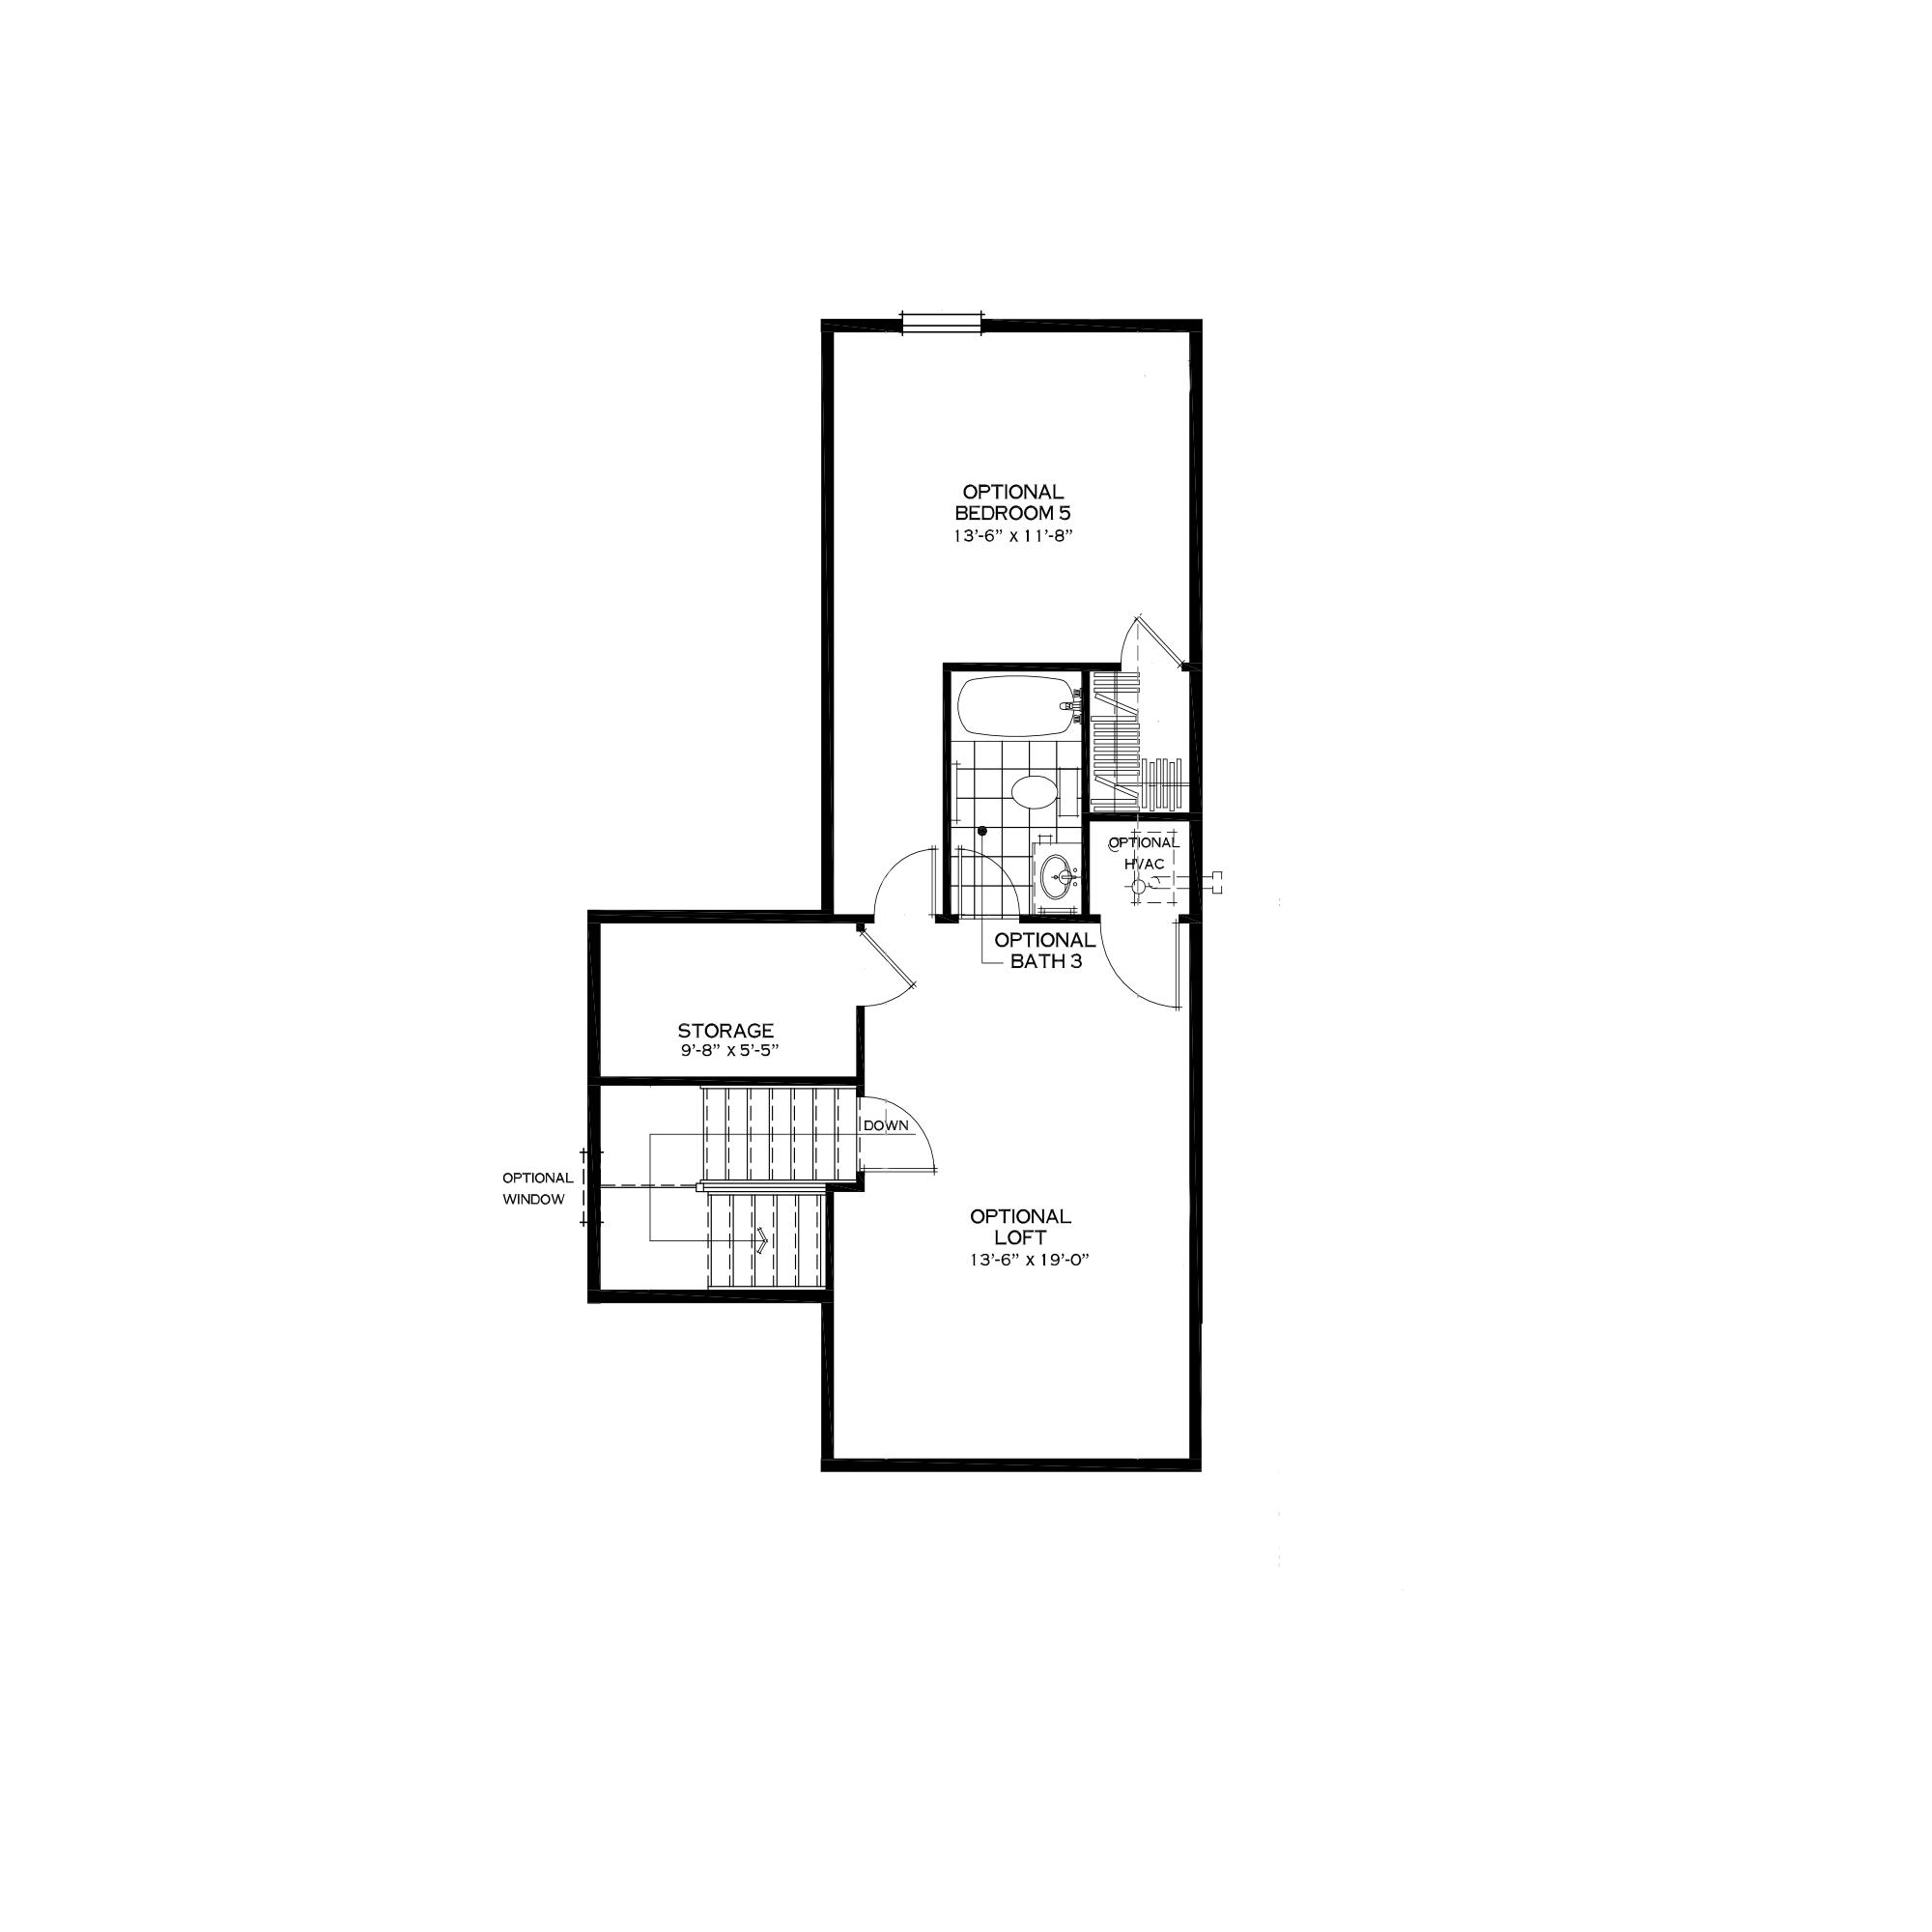 Optional Third Floor Loft in Alternate Layout